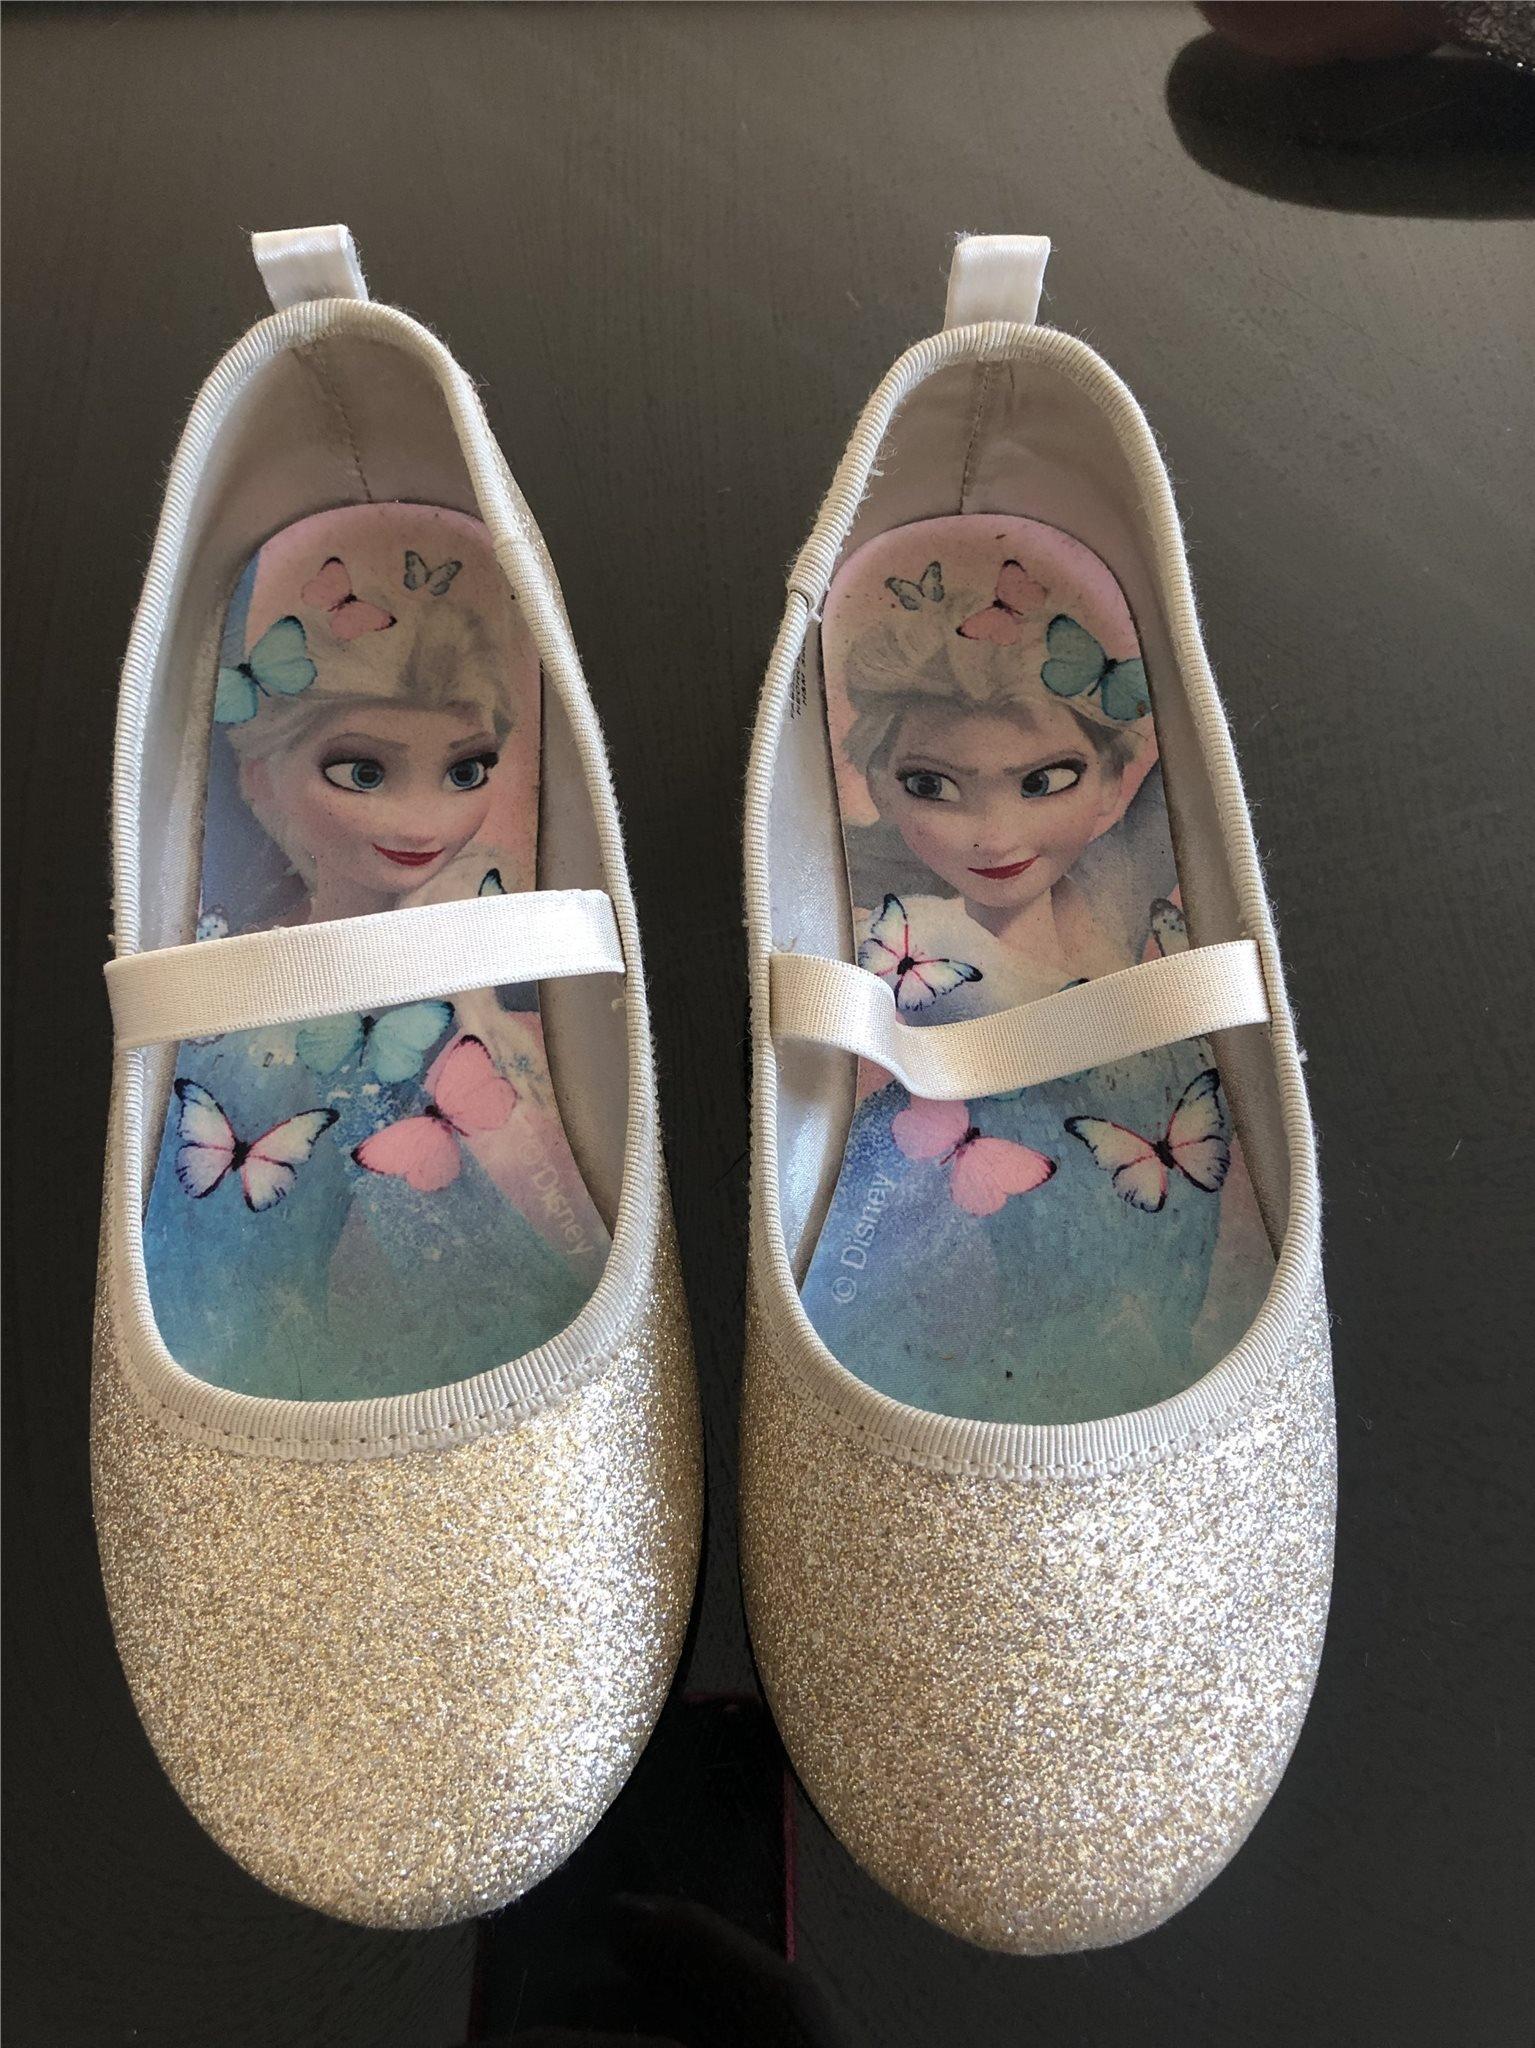 e8669efa118 Ballerina glitter skor perfekt till påsk (346250676) ᐈ Köp på Tradera